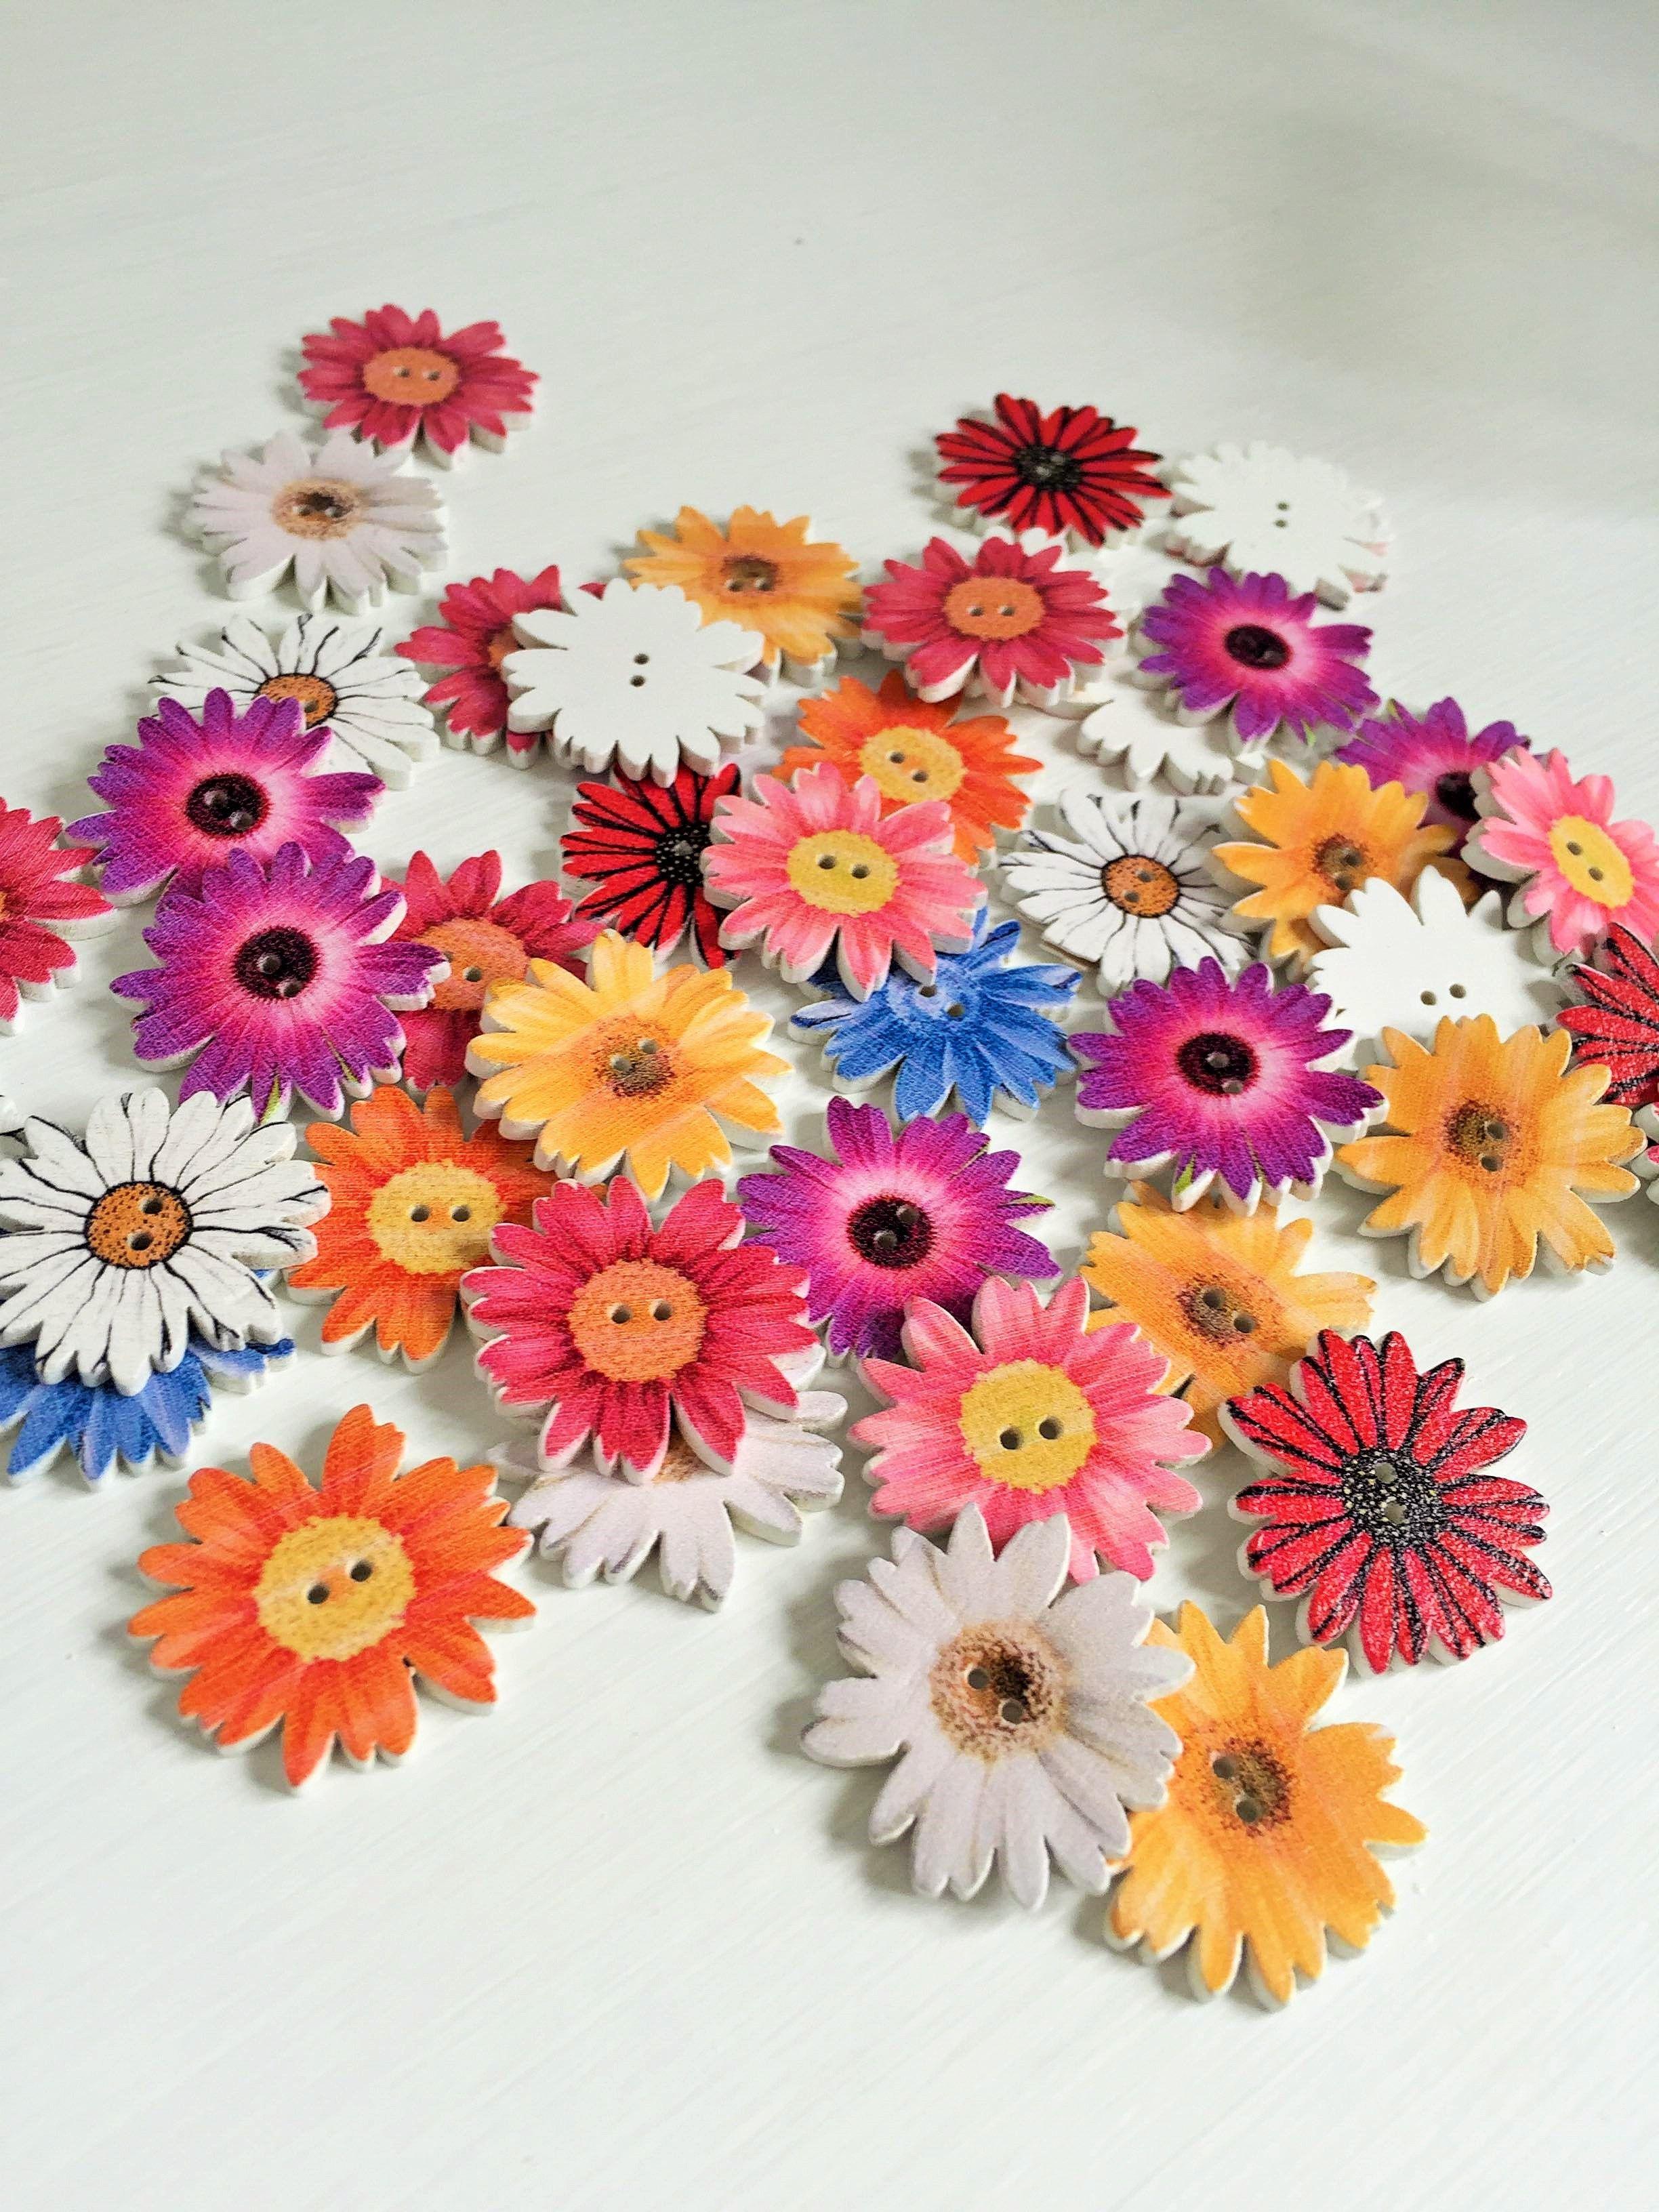 Sunflower Random Mixed Flower Painted Wooden Buttons